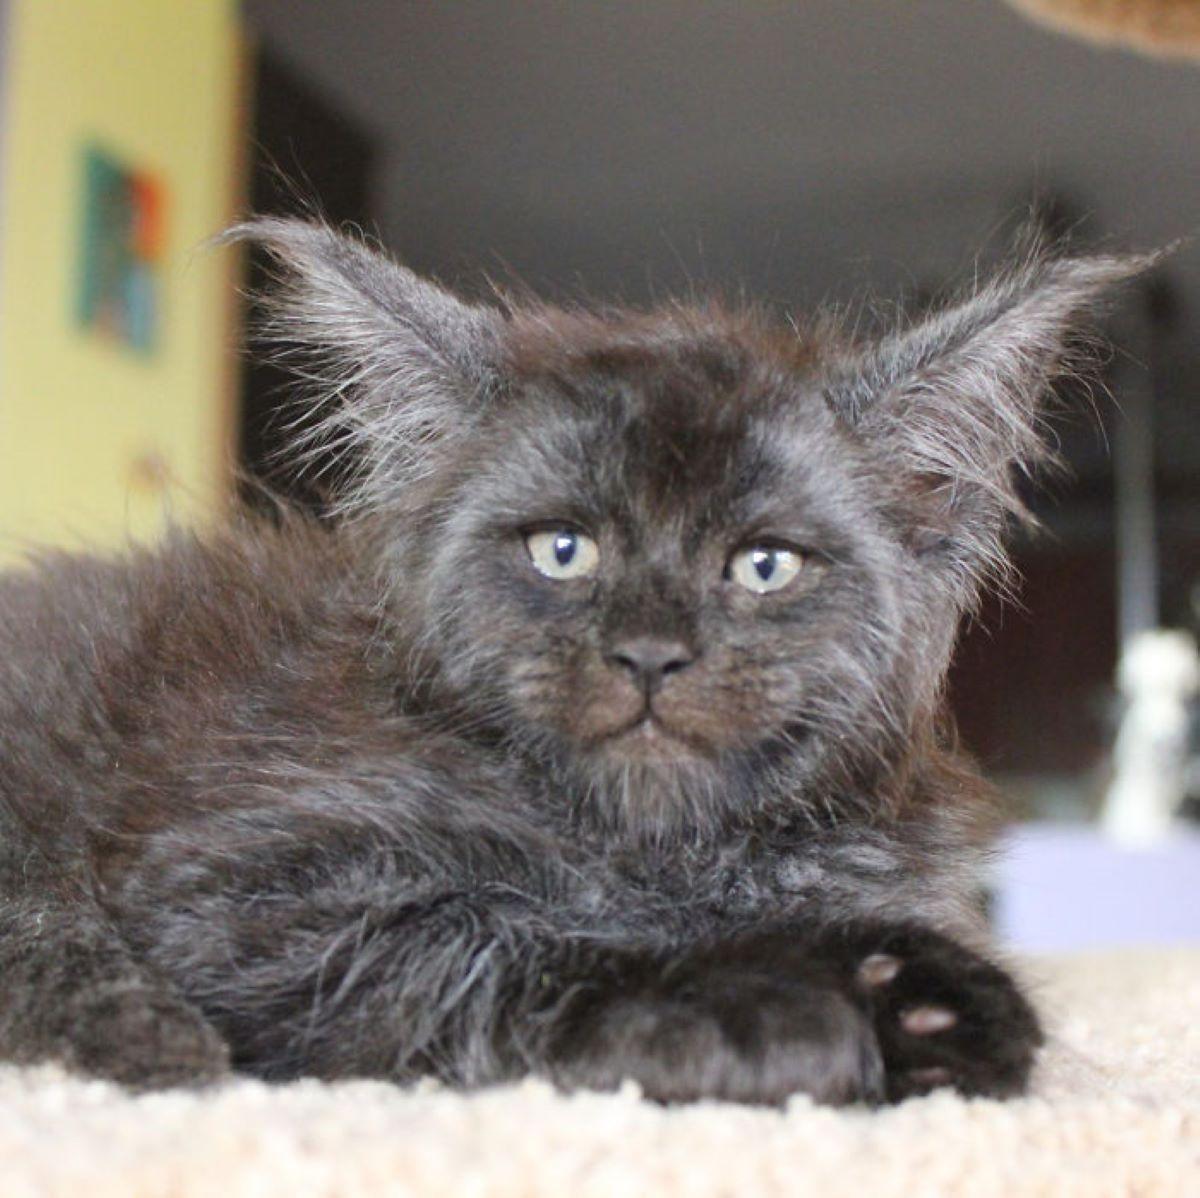 gatto-con-occhi-espressivi